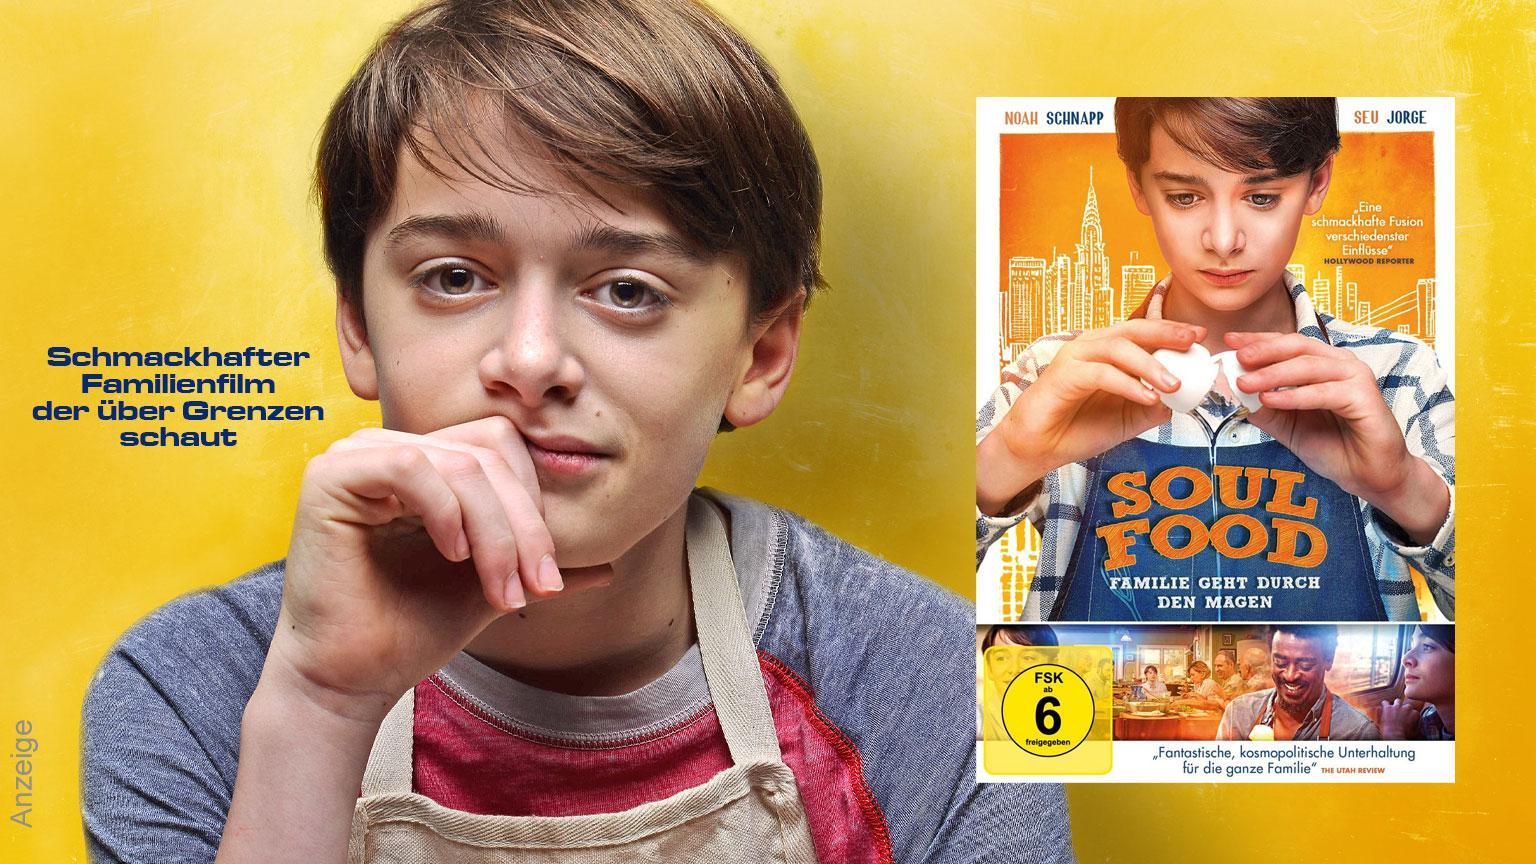 Soulfood Familie geht durch den magen DVD Anzeige shop kaufen Film 2020